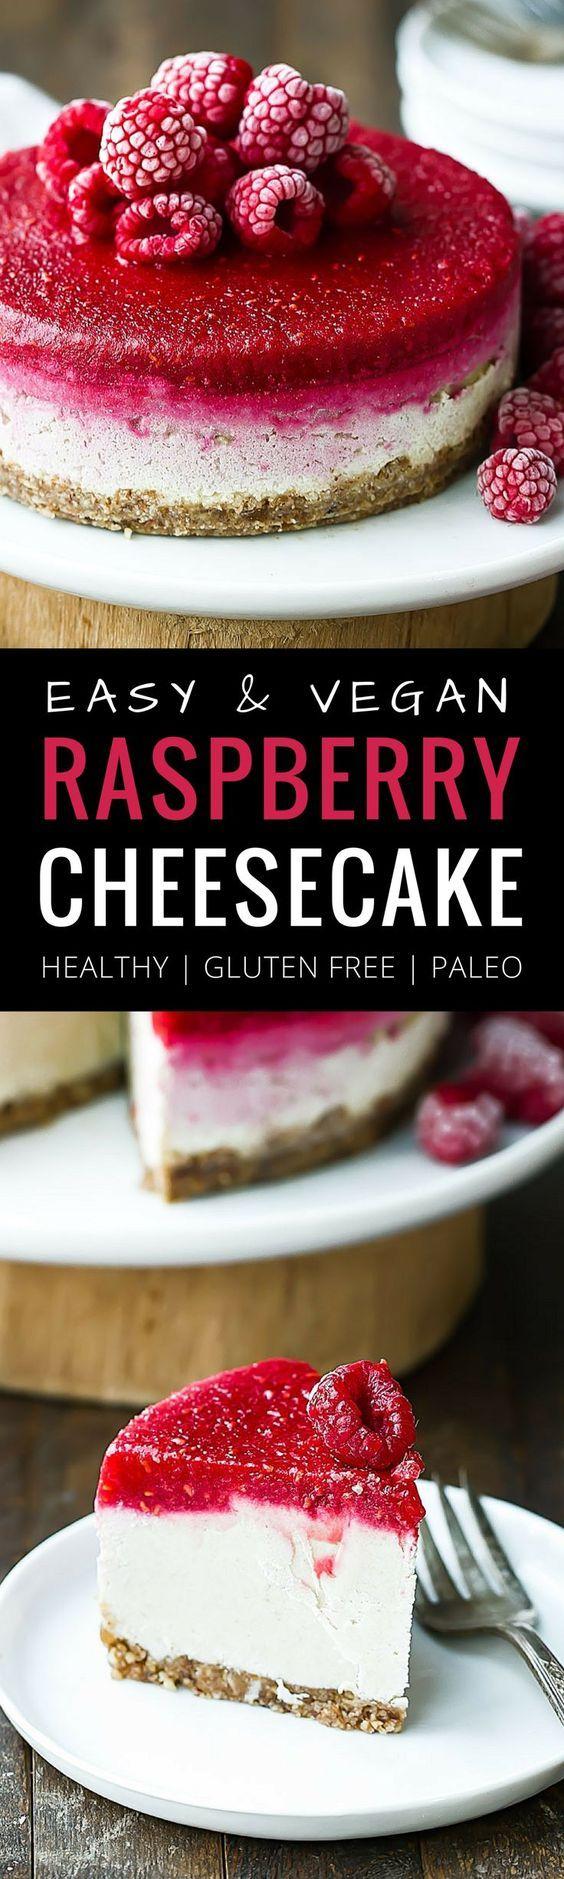 Easy Vegan Raspberry Cheesecake. Raw cheesecake recipe. No bake cashew cheesecake. Best gluten free vegan cheesecake